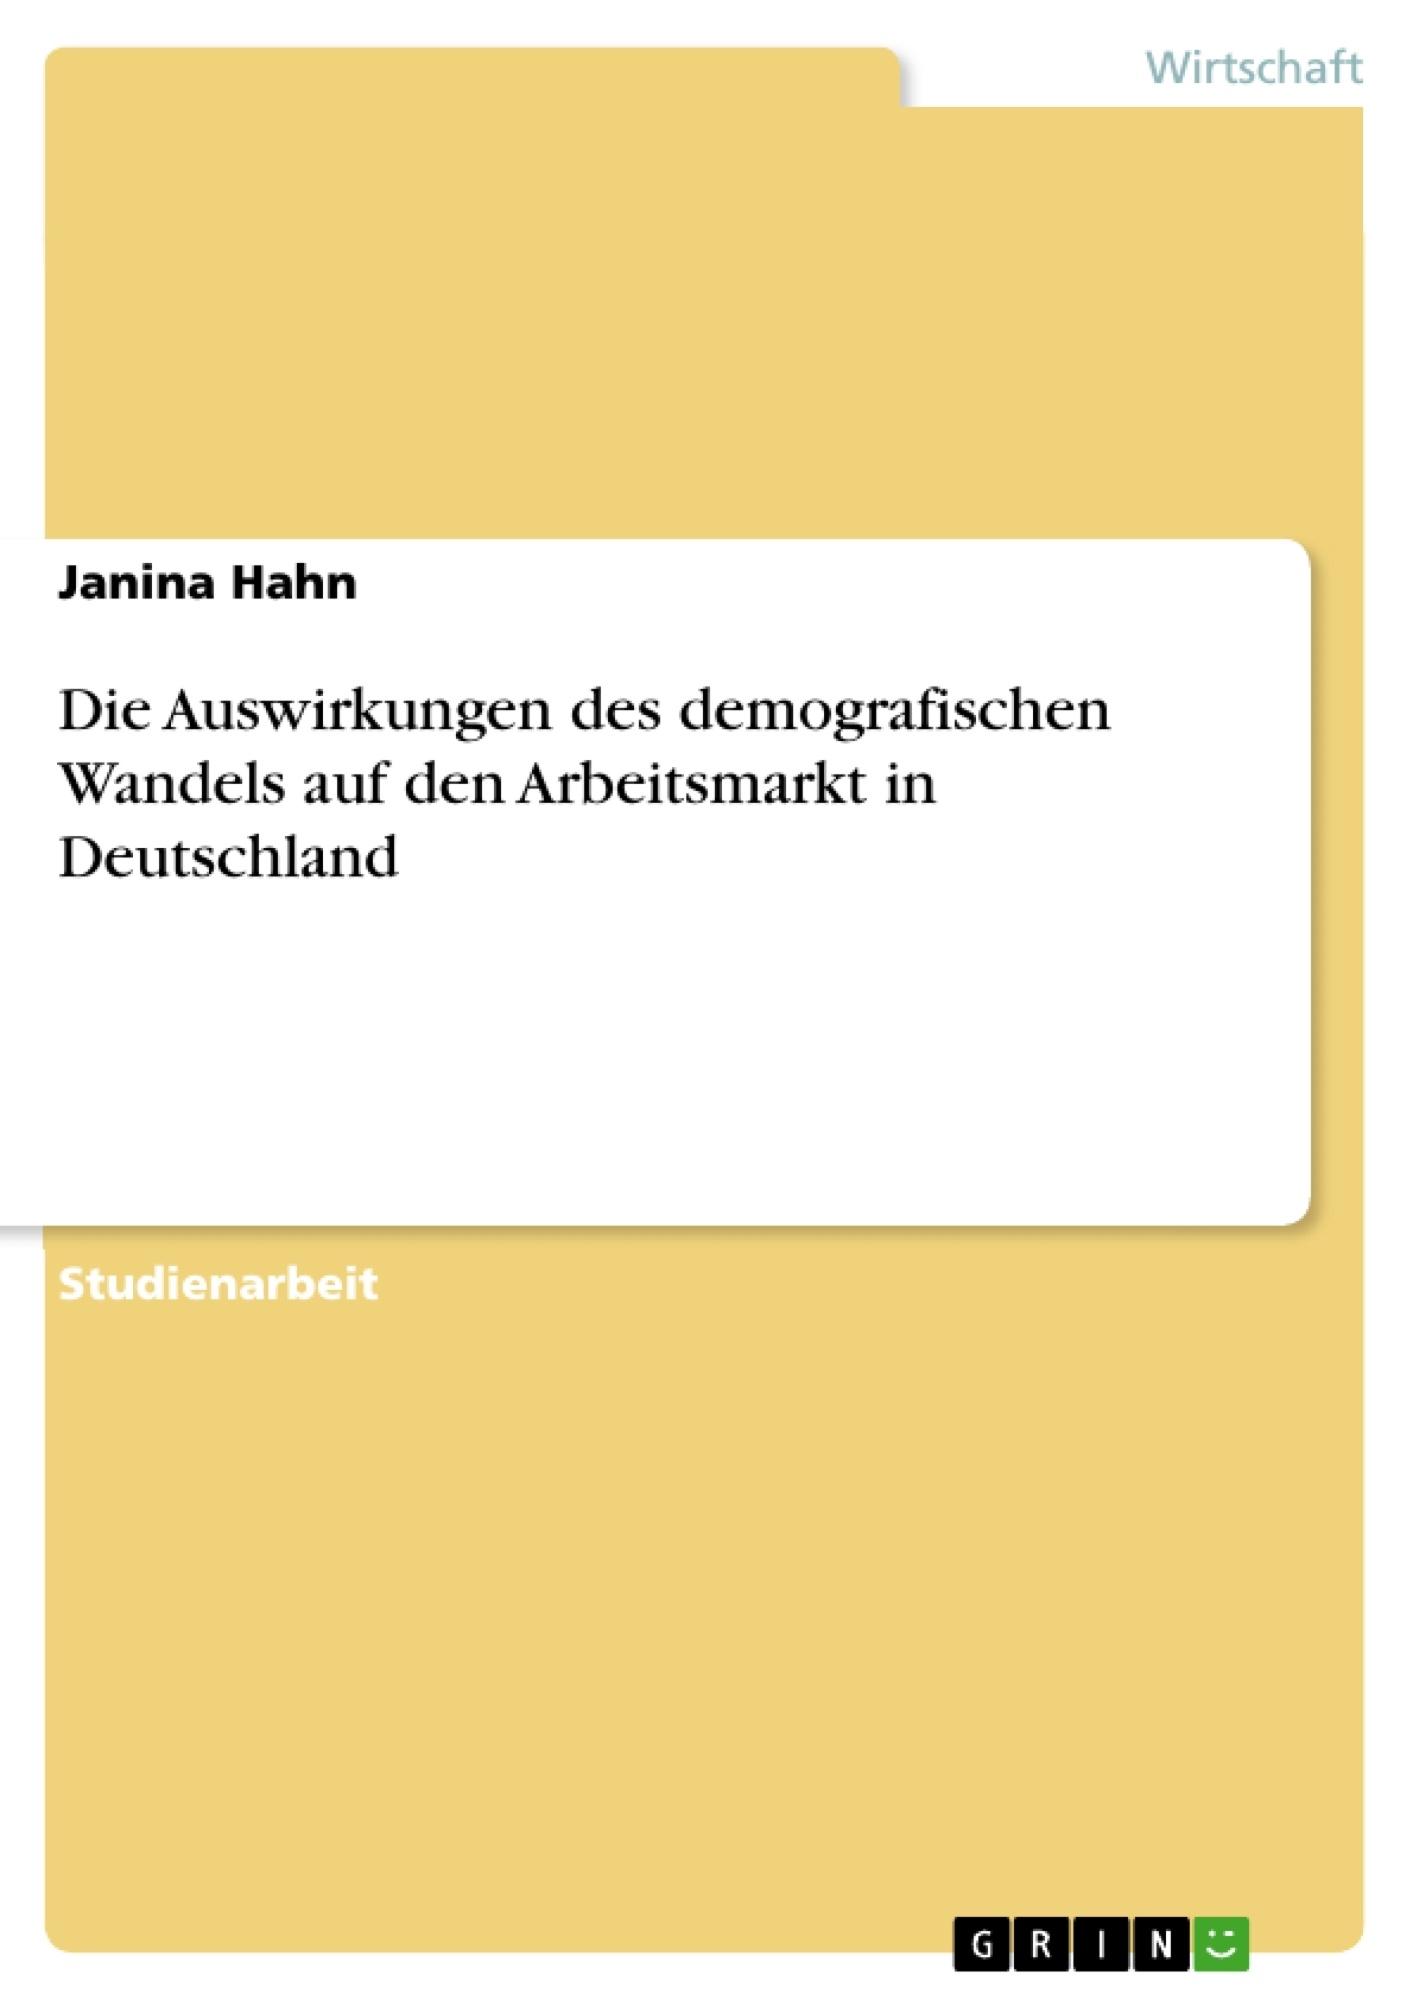 Titel: Die Auswirkungen des demografischen Wandels auf den Arbeitsmarkt in Deutschland